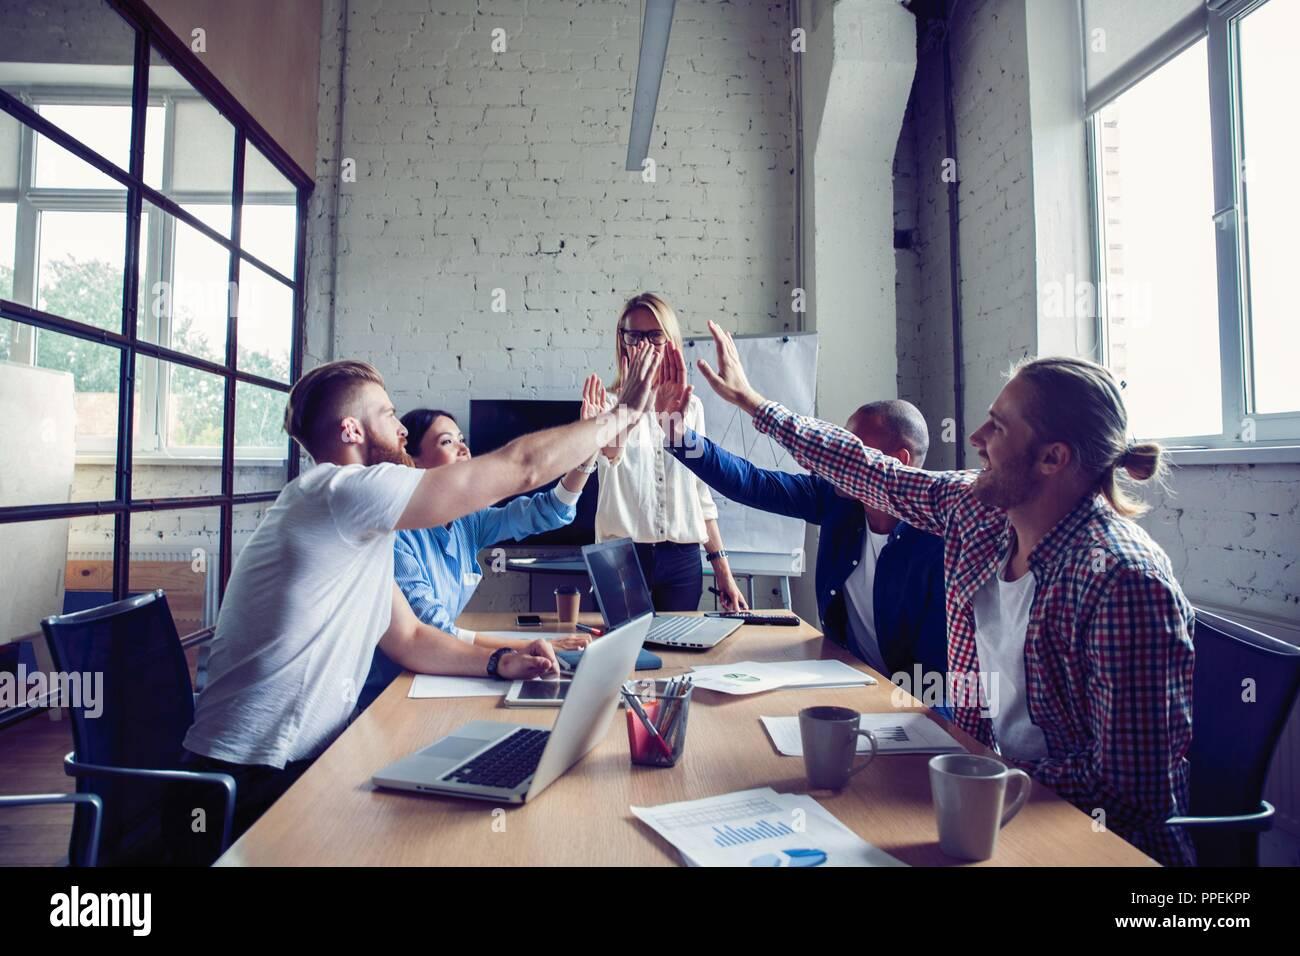 L'équipe entreprise multiraciale réussie heureux donnant une forte fives geste comme ils rient et applaudir leur succès. Banque D'Images